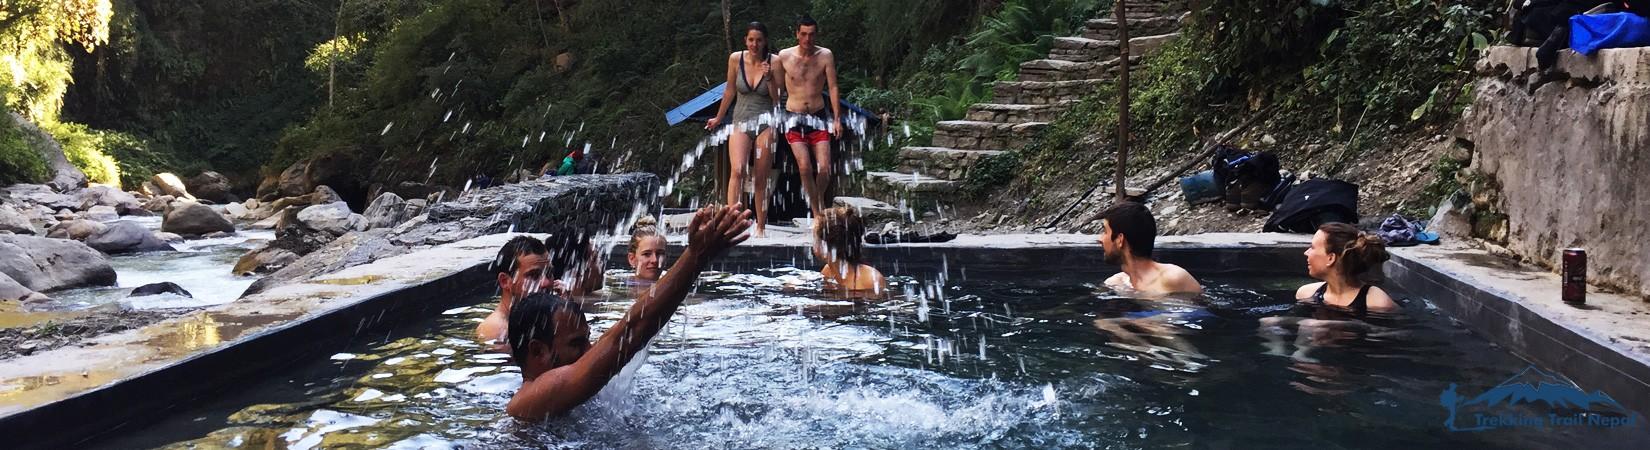 Jhinu Danda Hot Spring Pool